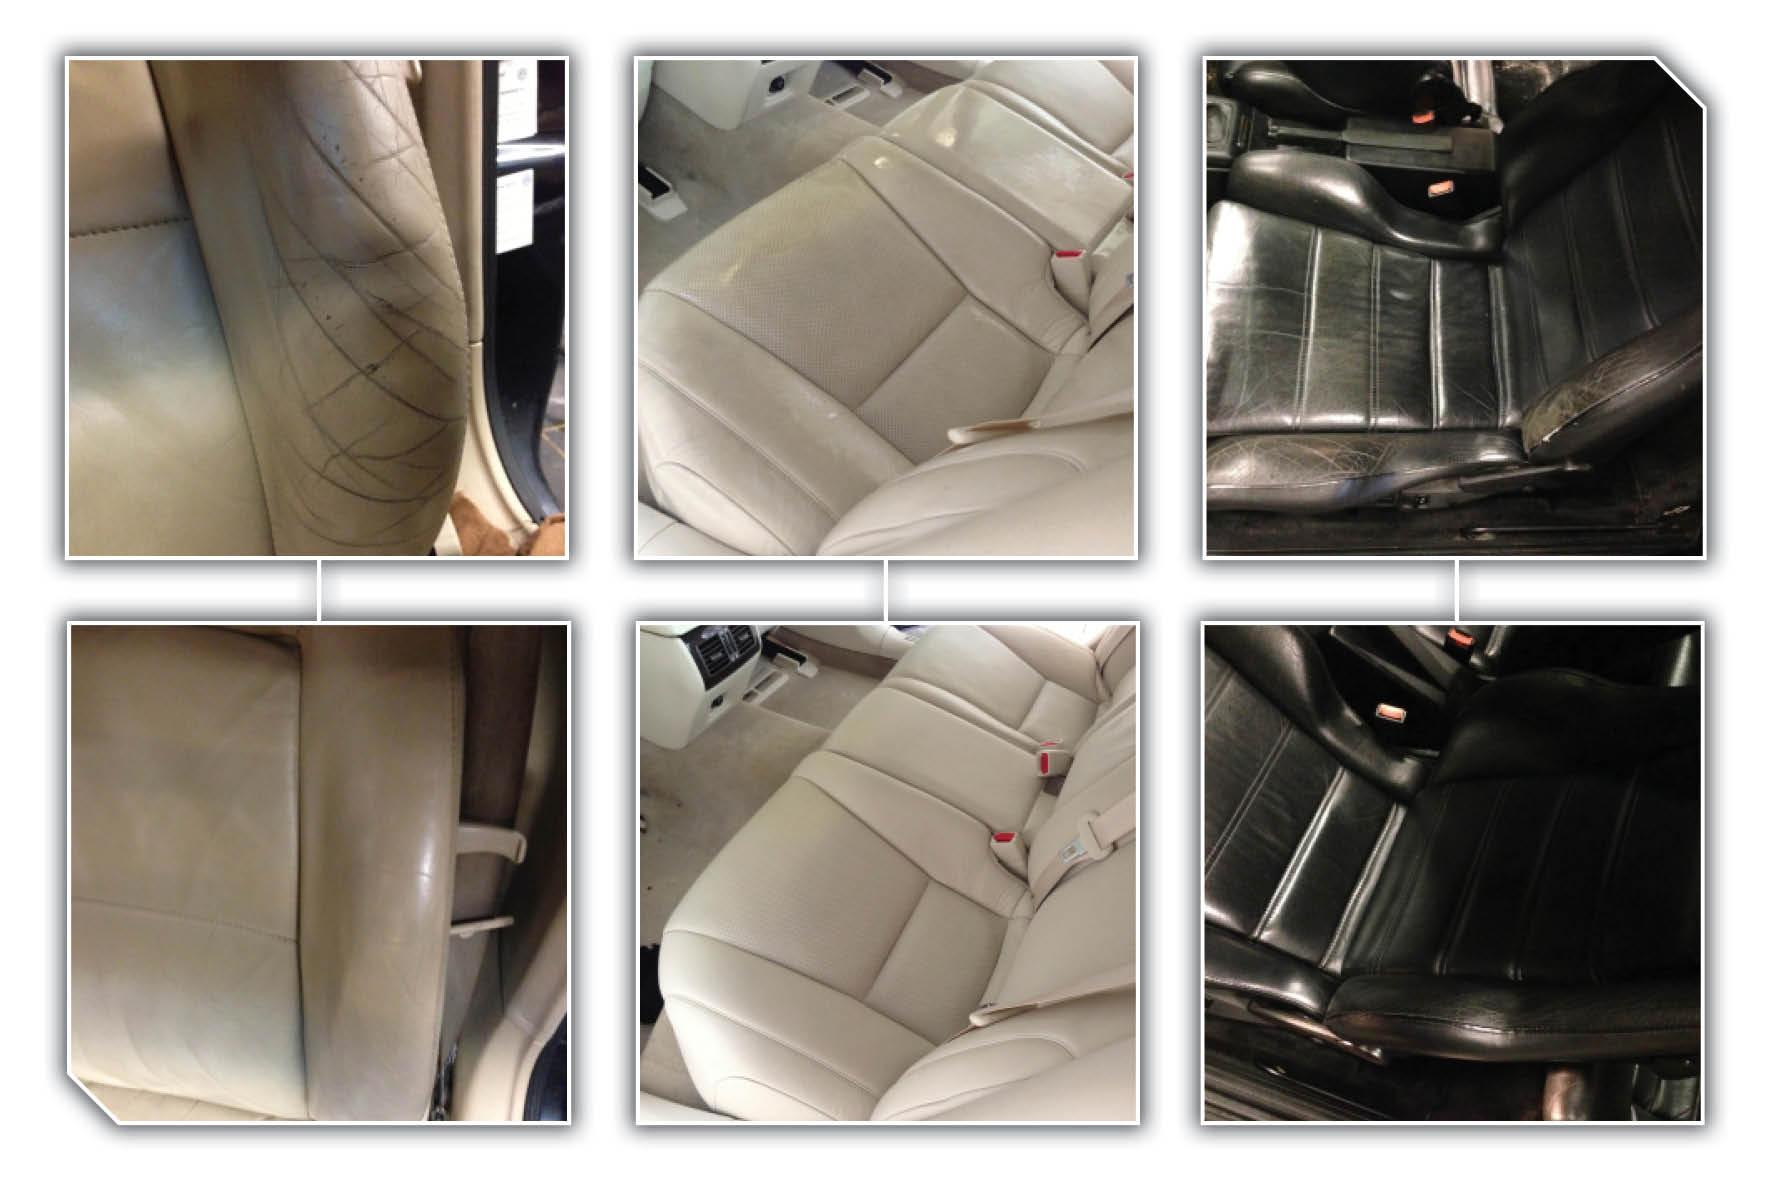 bij abosscleaning kunt u een vrijblijvende offerte aanvragen voor het herstellen of repareren van de lederen bekleding van uw voertuig